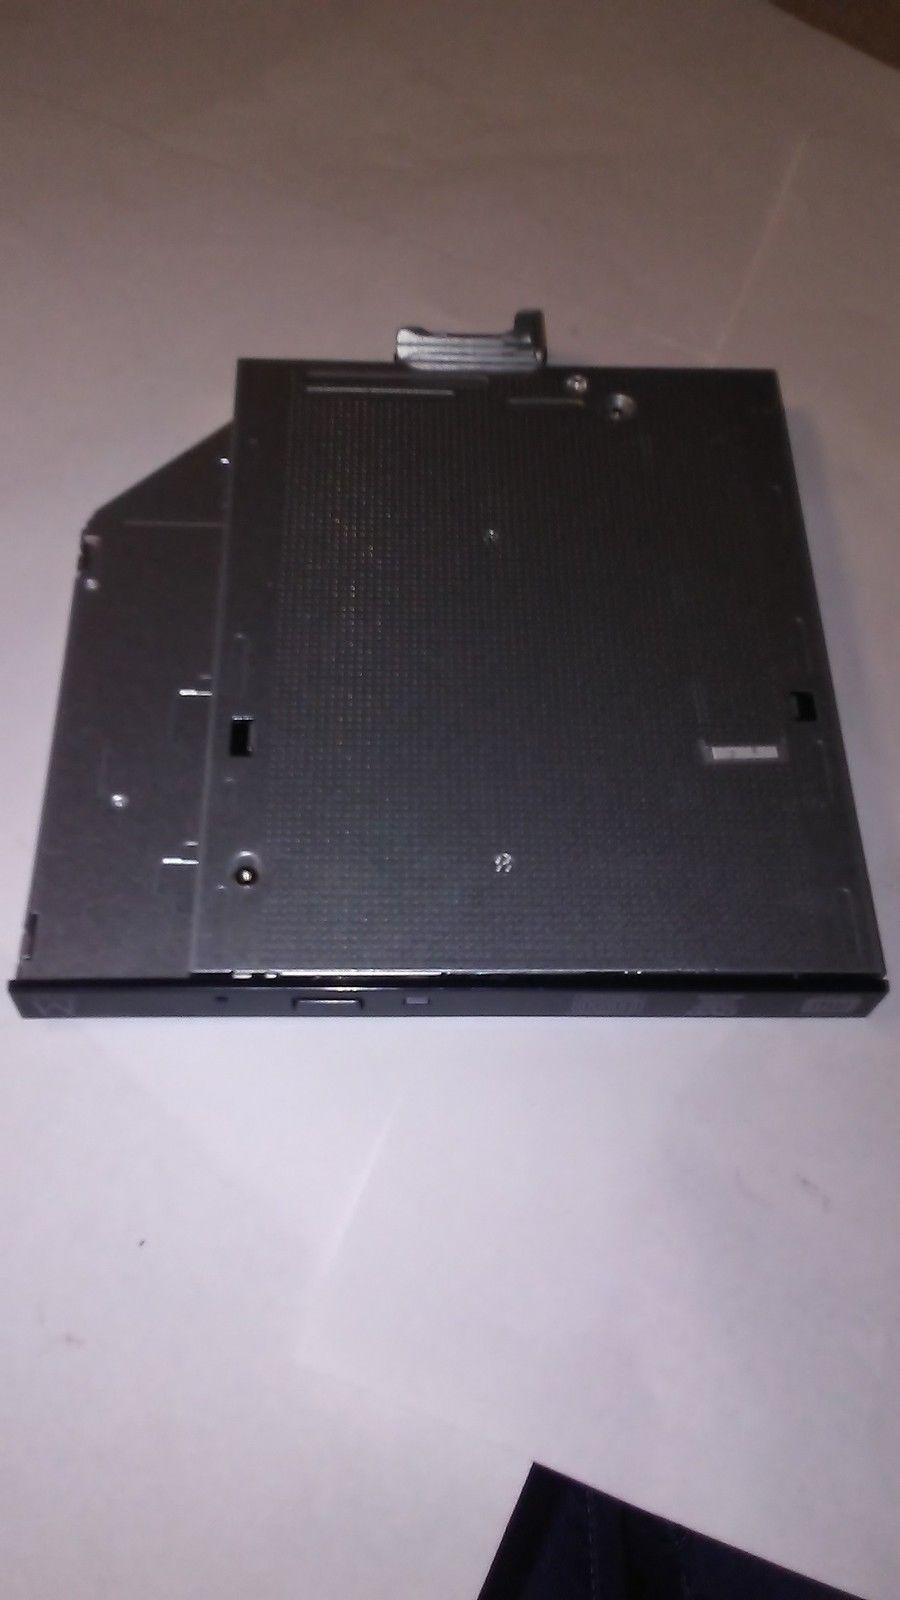 HP DESKTOP ALL IN ONE 23-R117C GUD0N 762432-800 781416-001 MULTI DVD WRITER